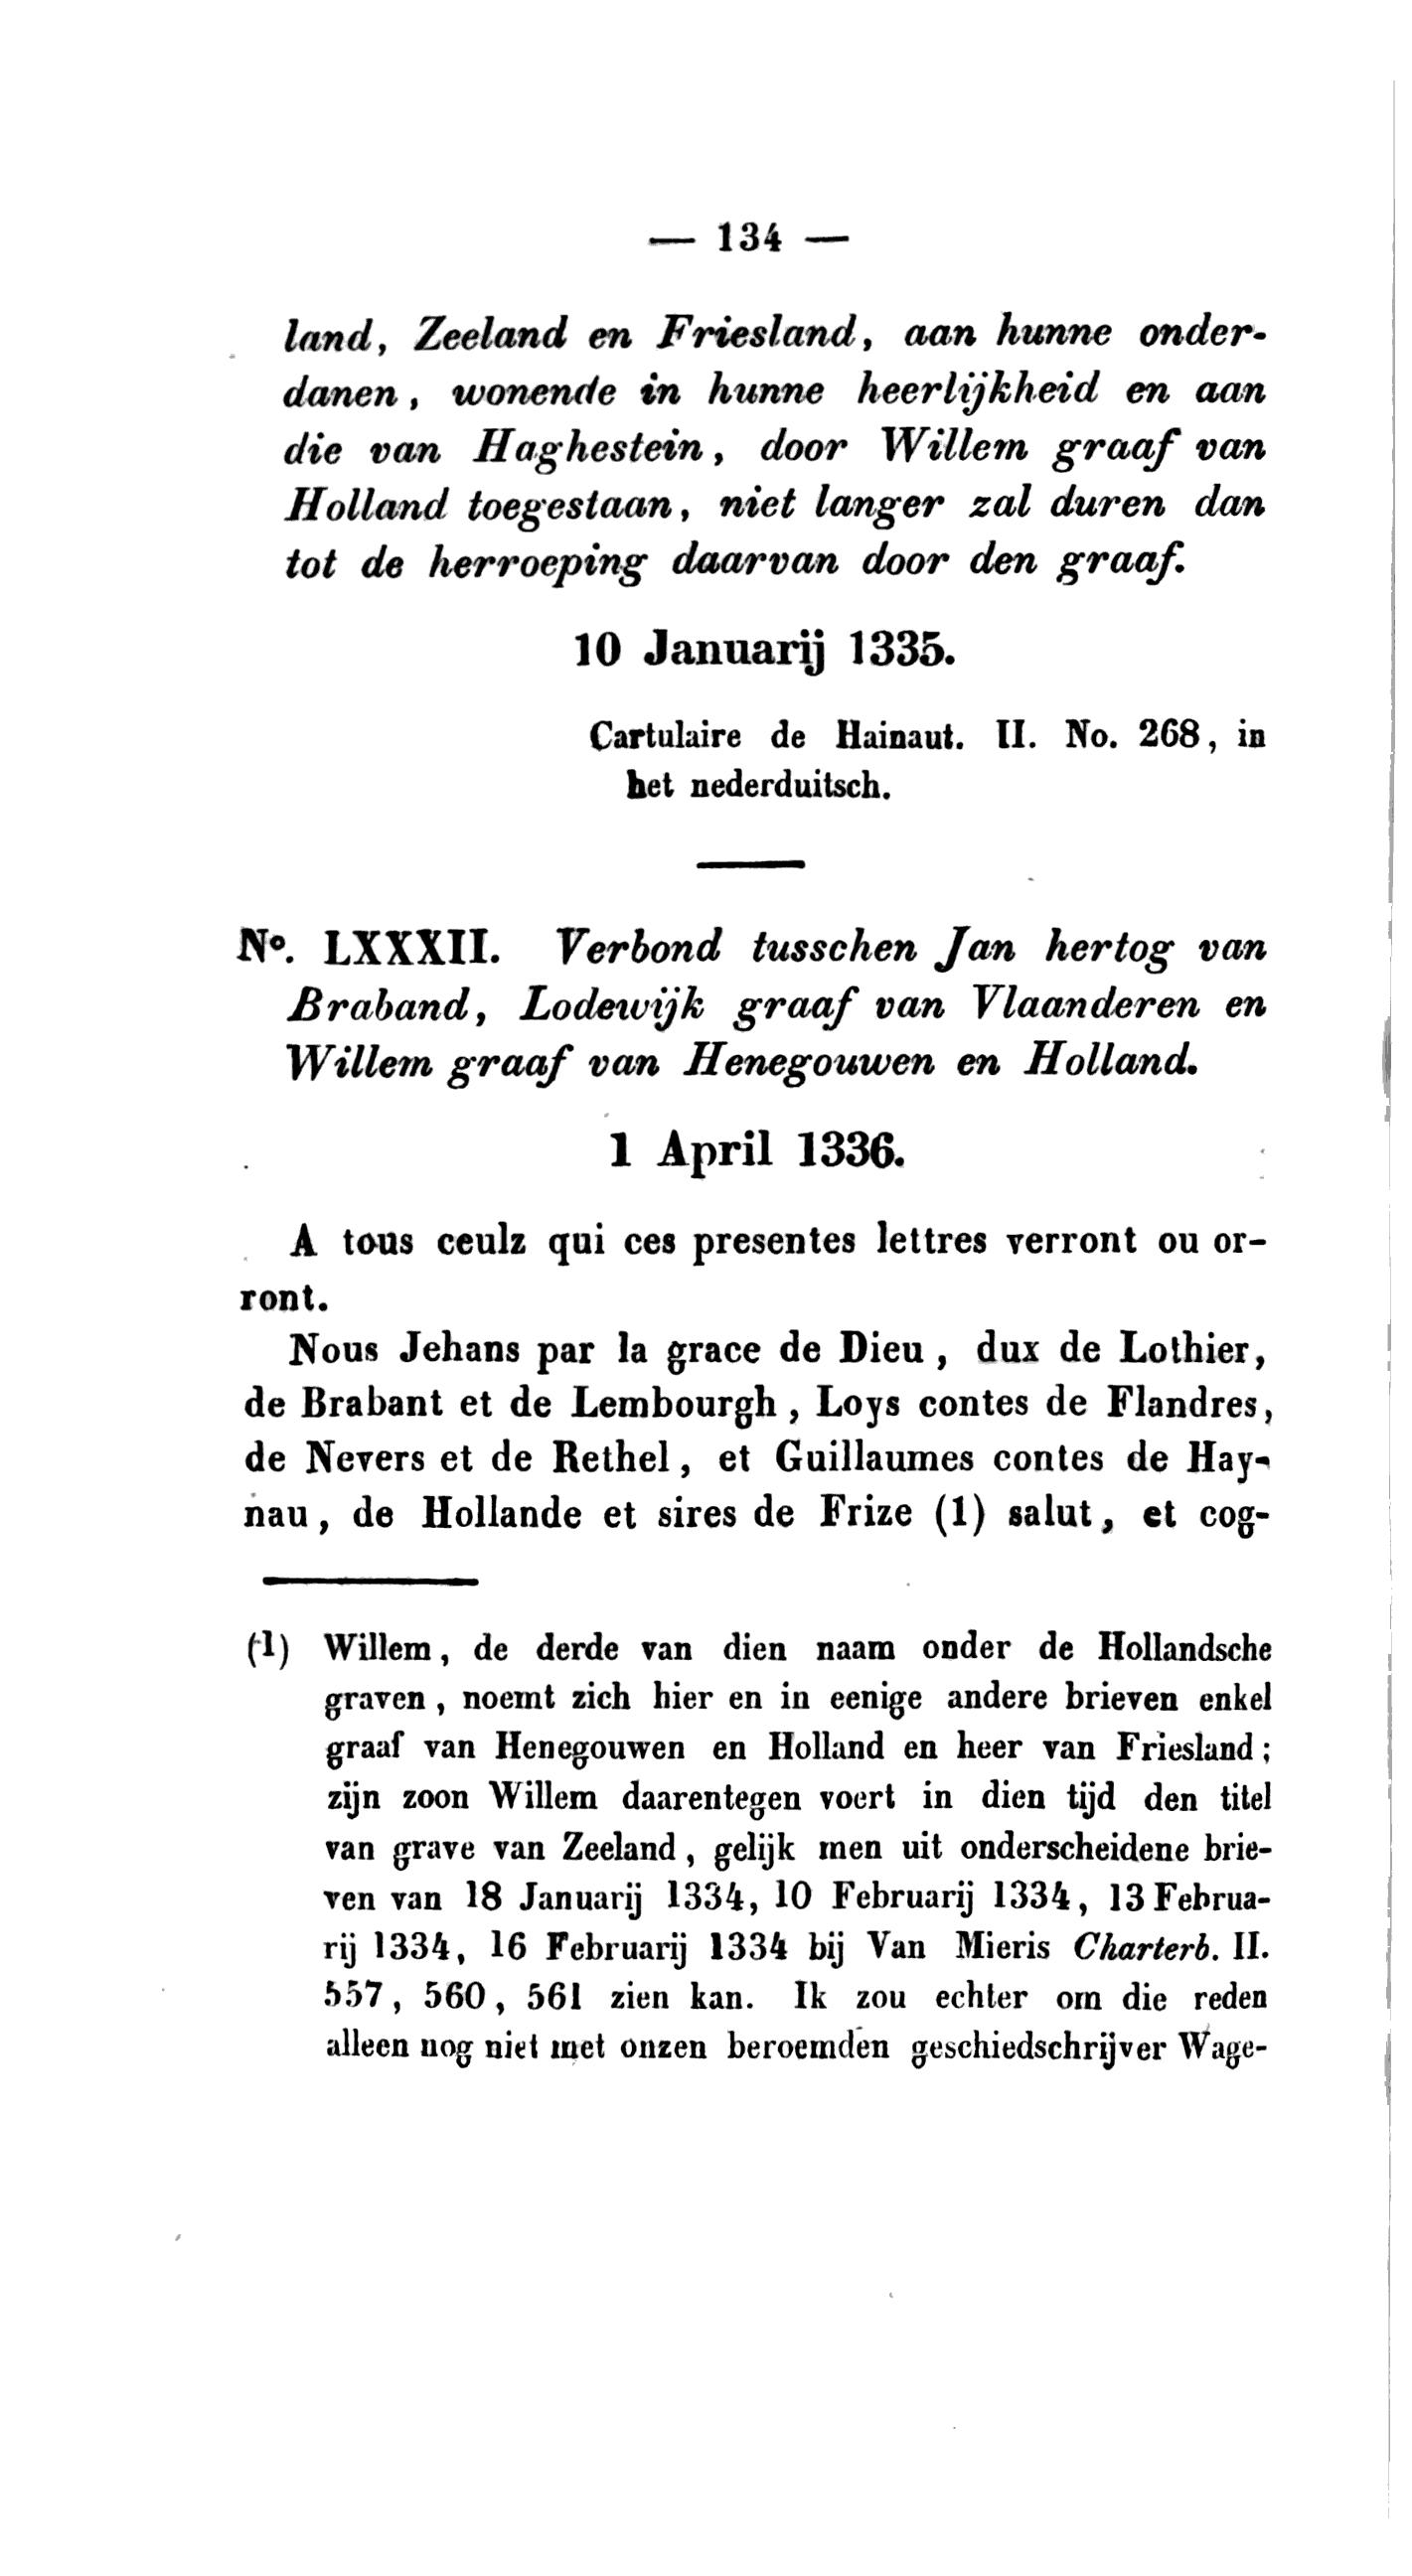 Urkunde Gedenkstukken5dcaf9db Bce9 42e3 B238 417e9b294989